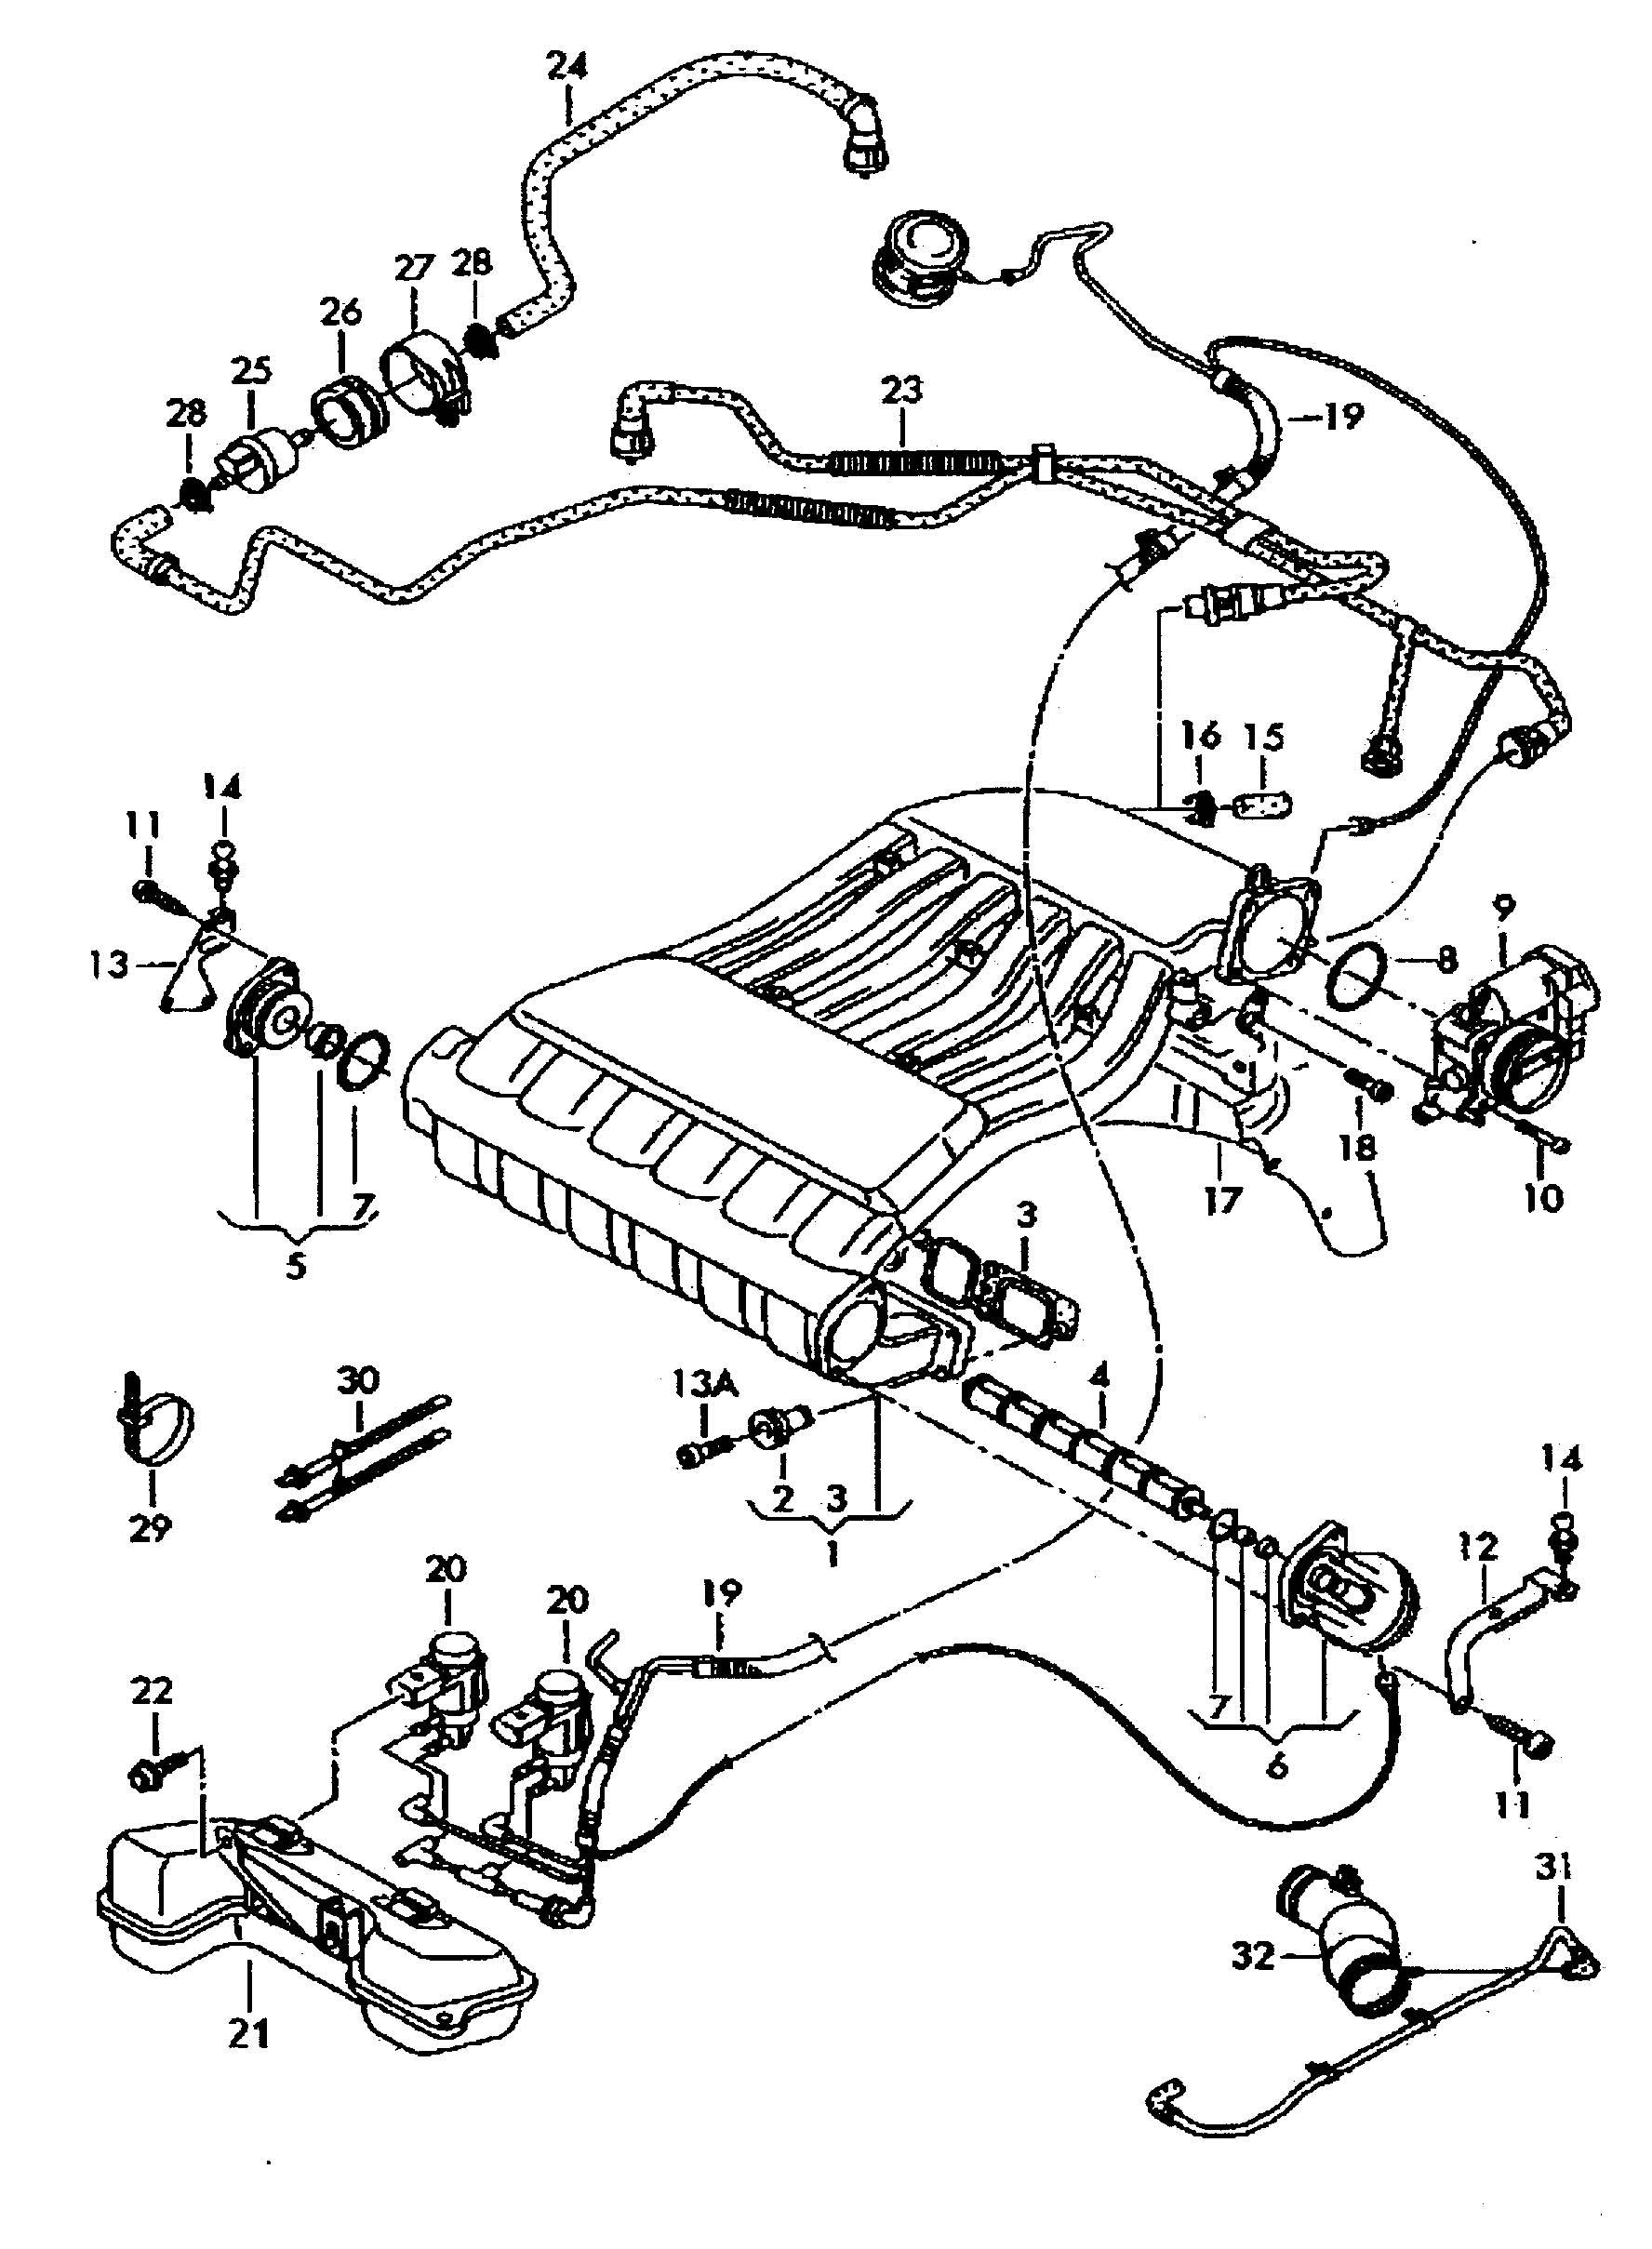 corrado vr6 wiring diagram swim lane in ppt vacuum bookmark about